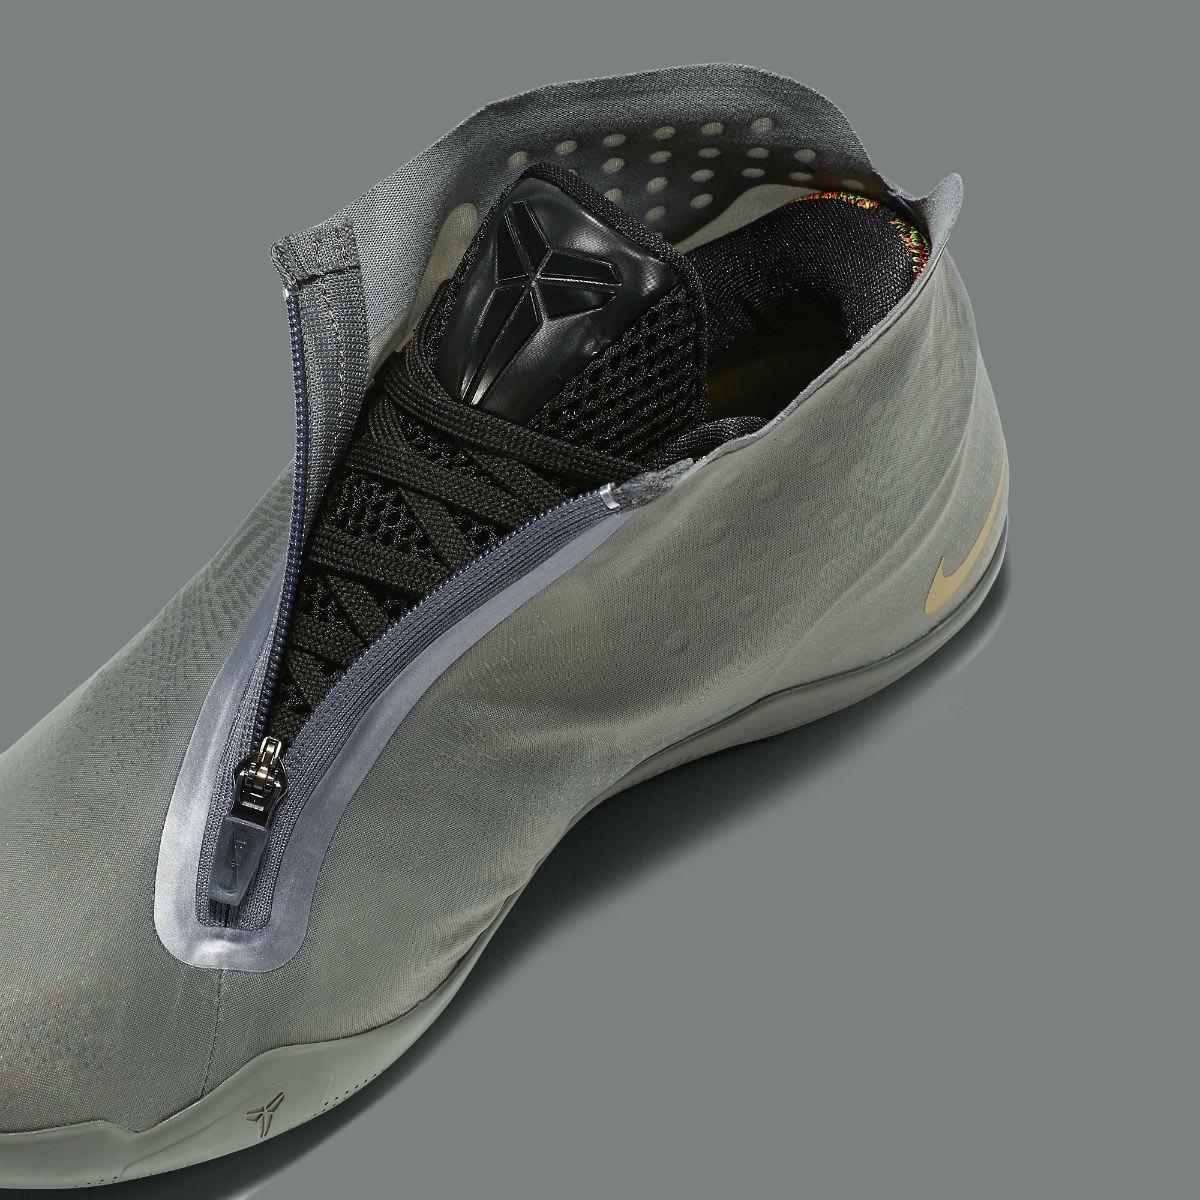 Nike Kobe 11 ALT Grey Release Date 880463-079